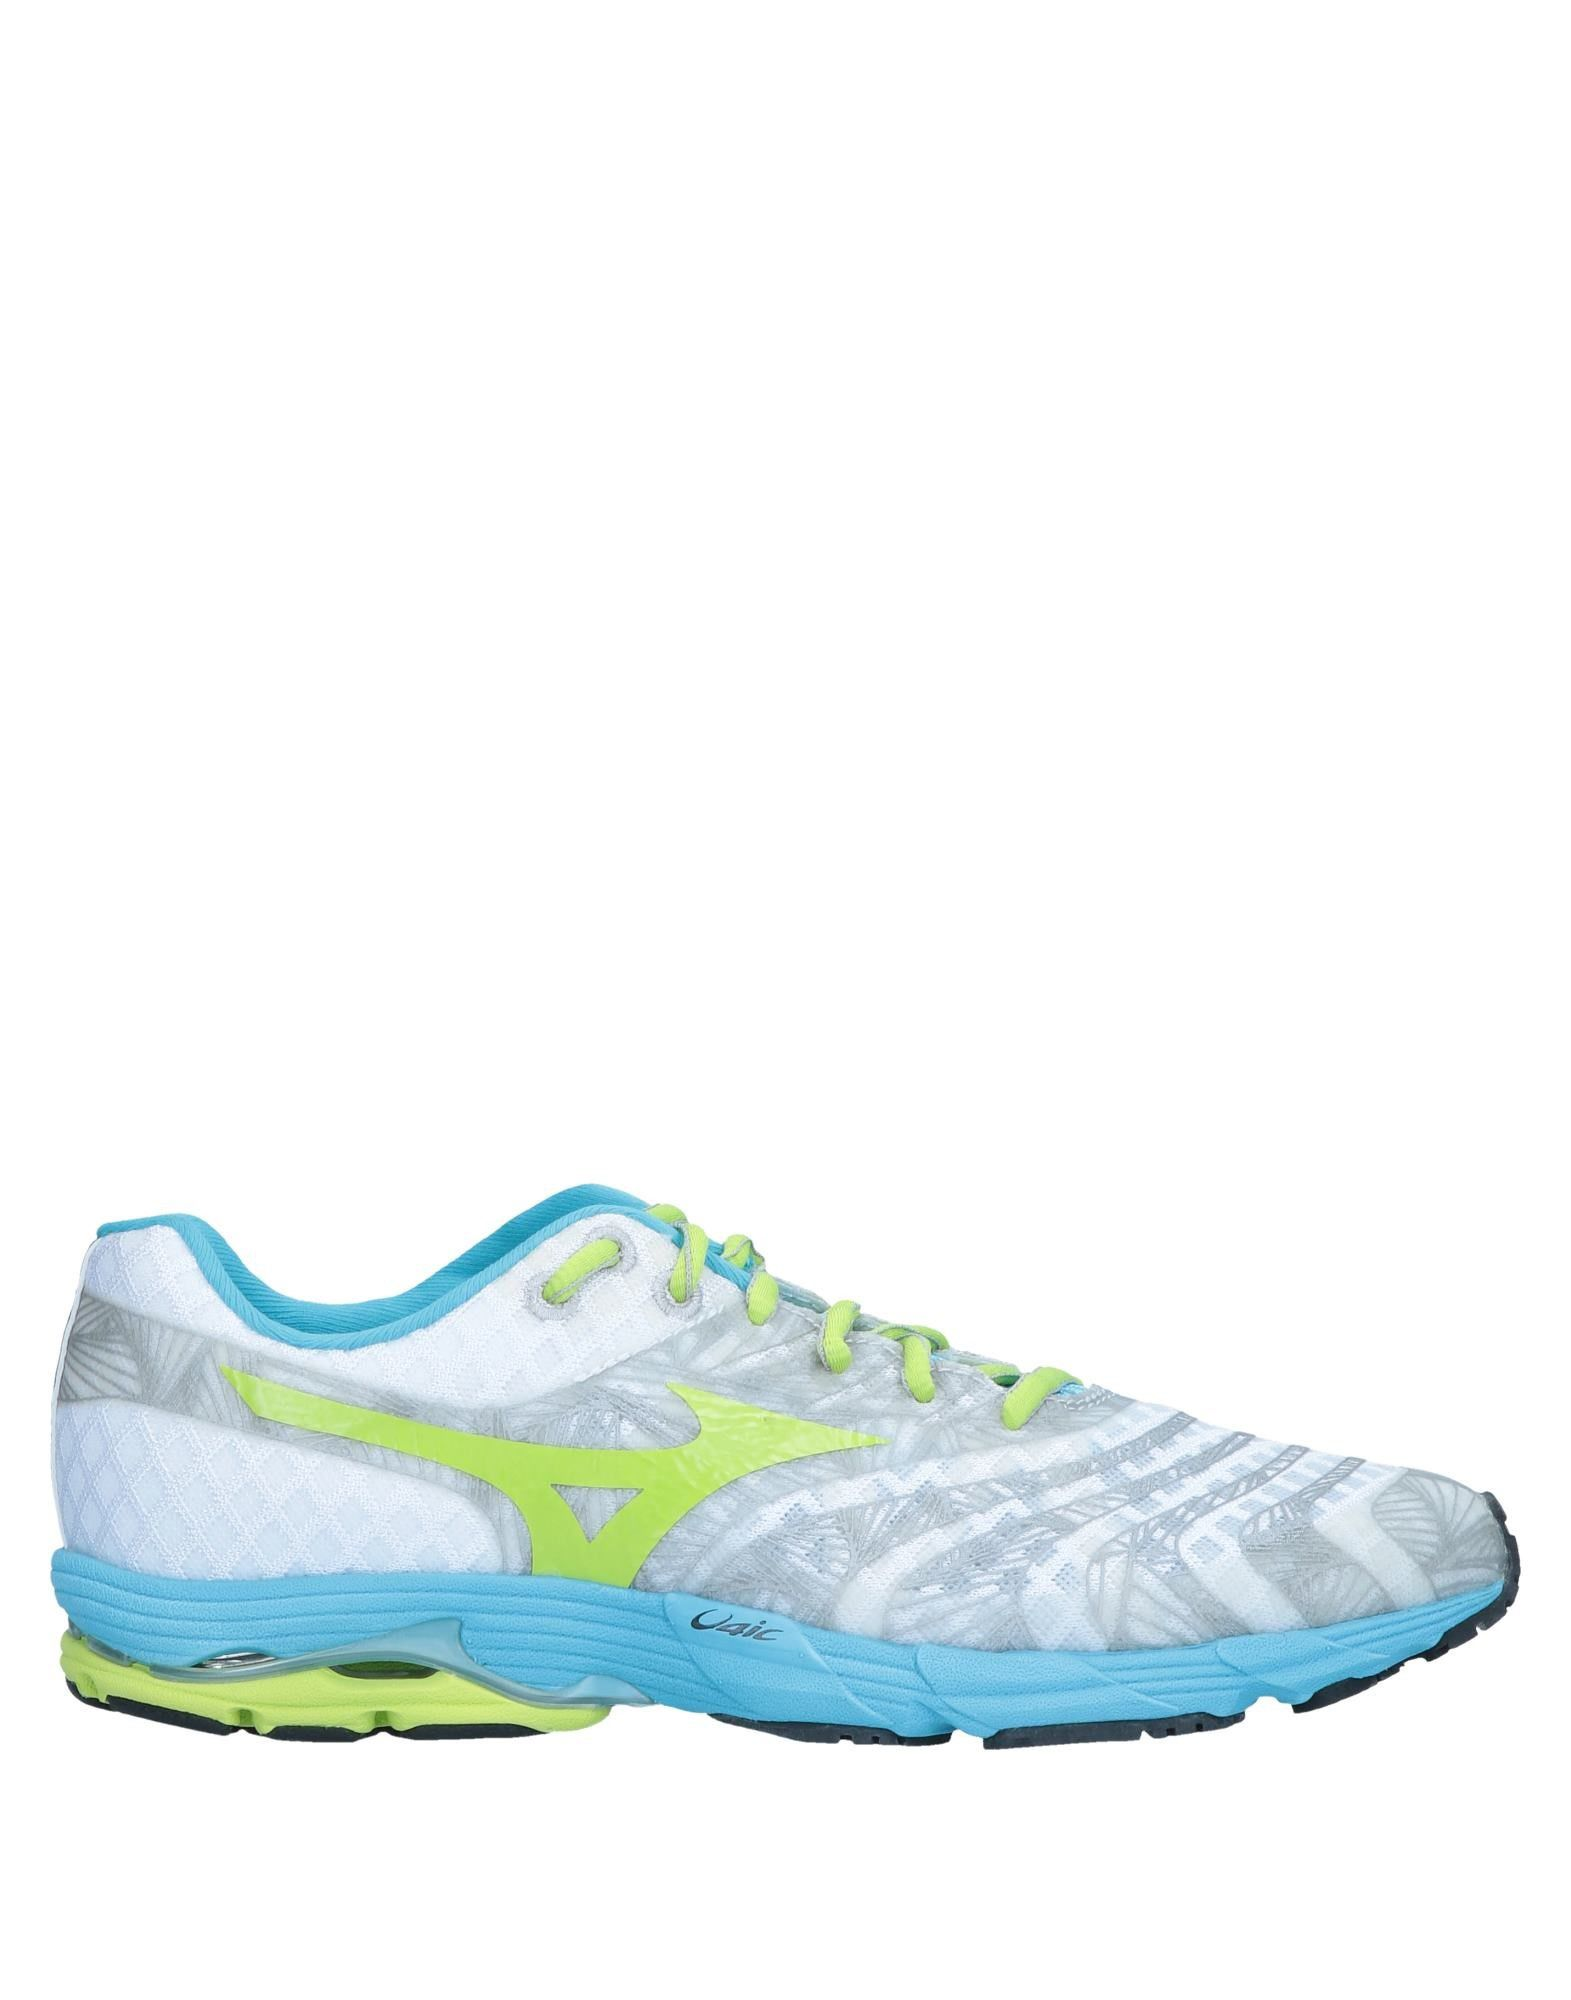 Scarpe economiche e resistenti Sneakers Mizuno Donna - 11546170DC